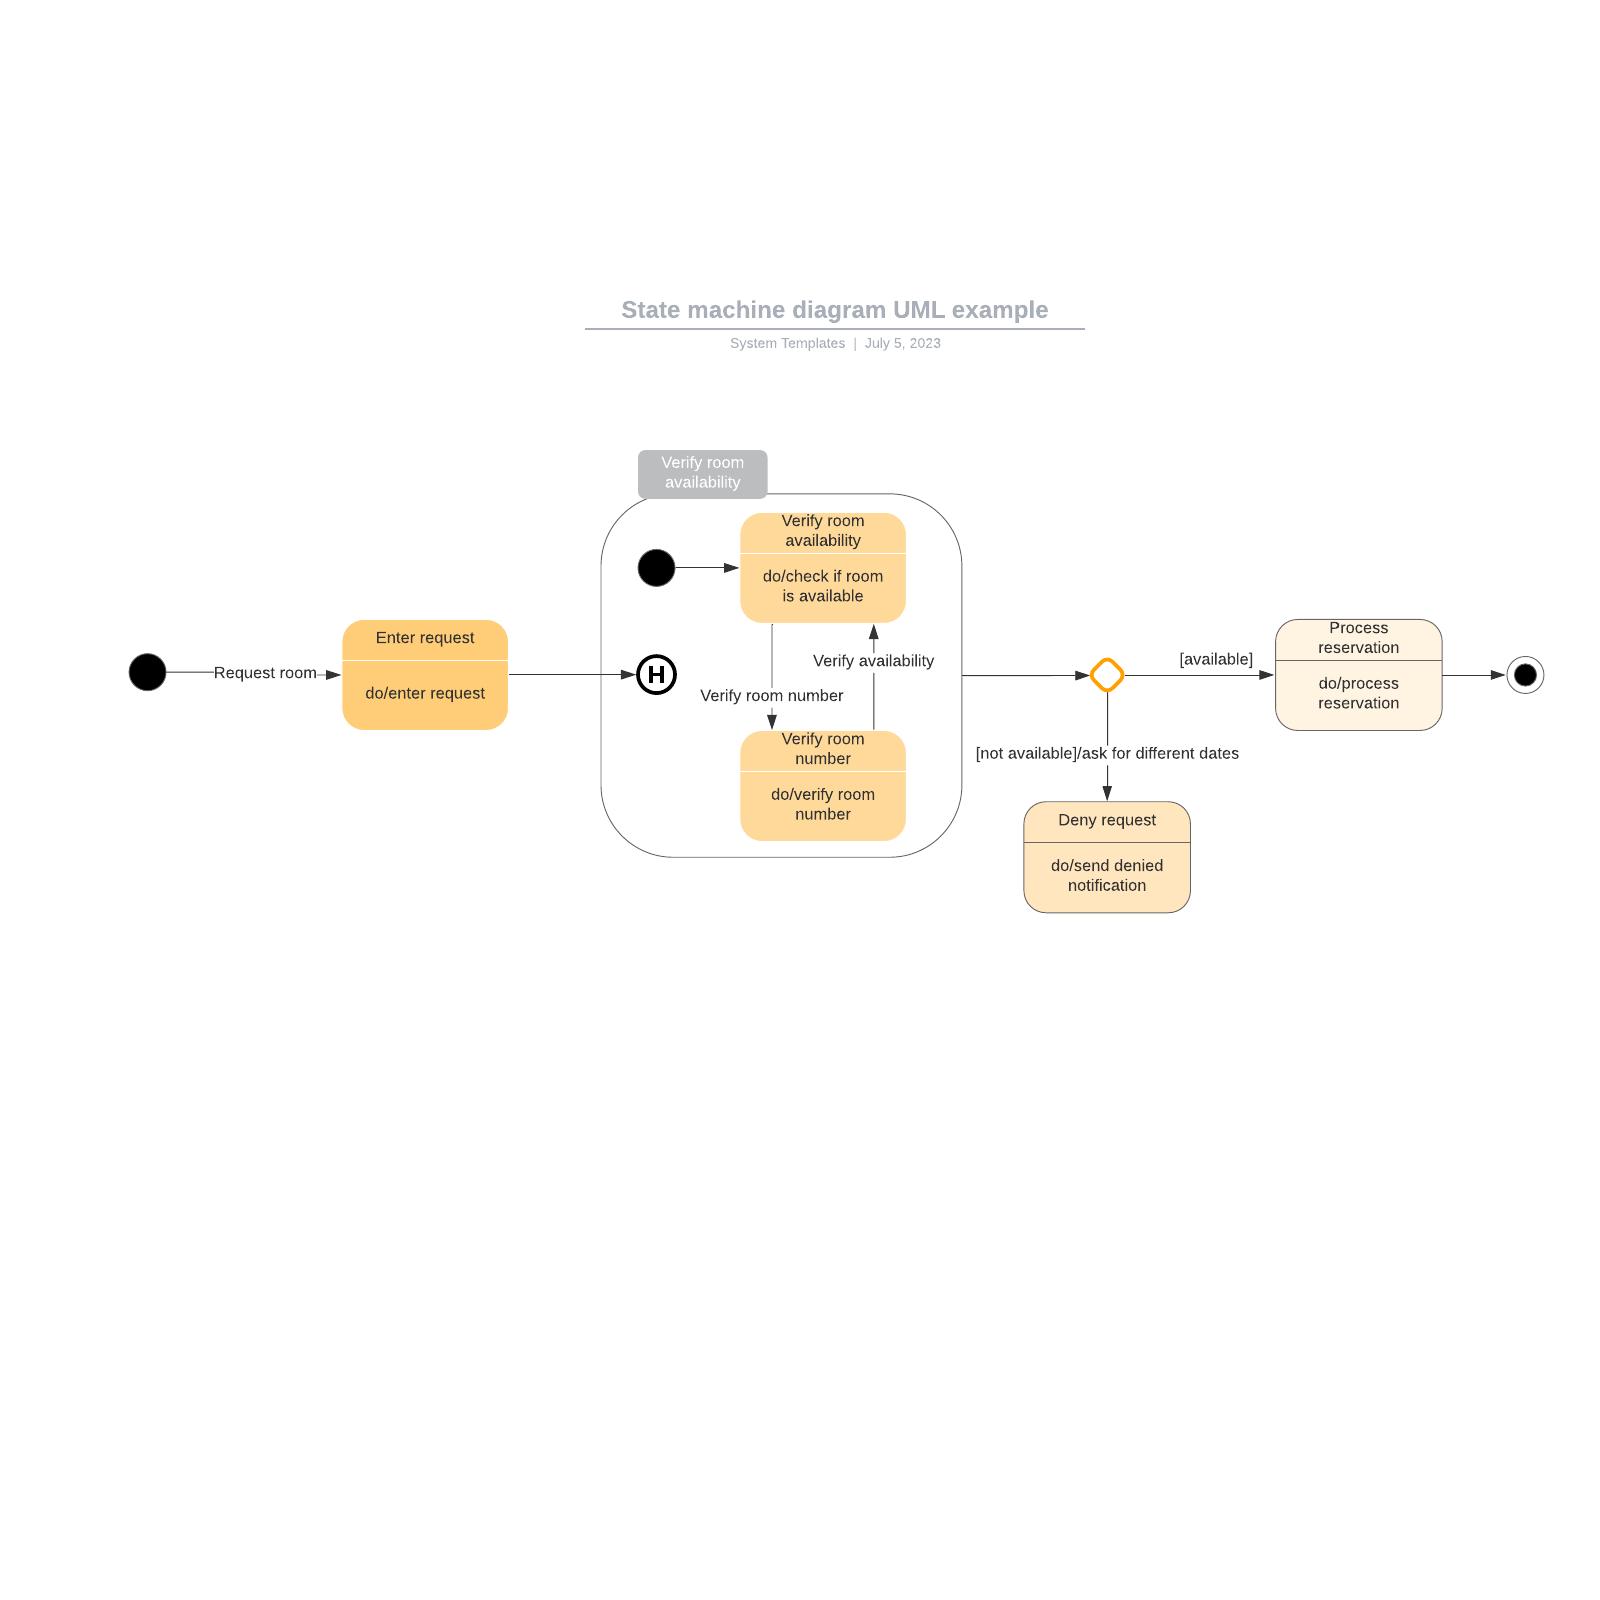 State machine diagram UML example